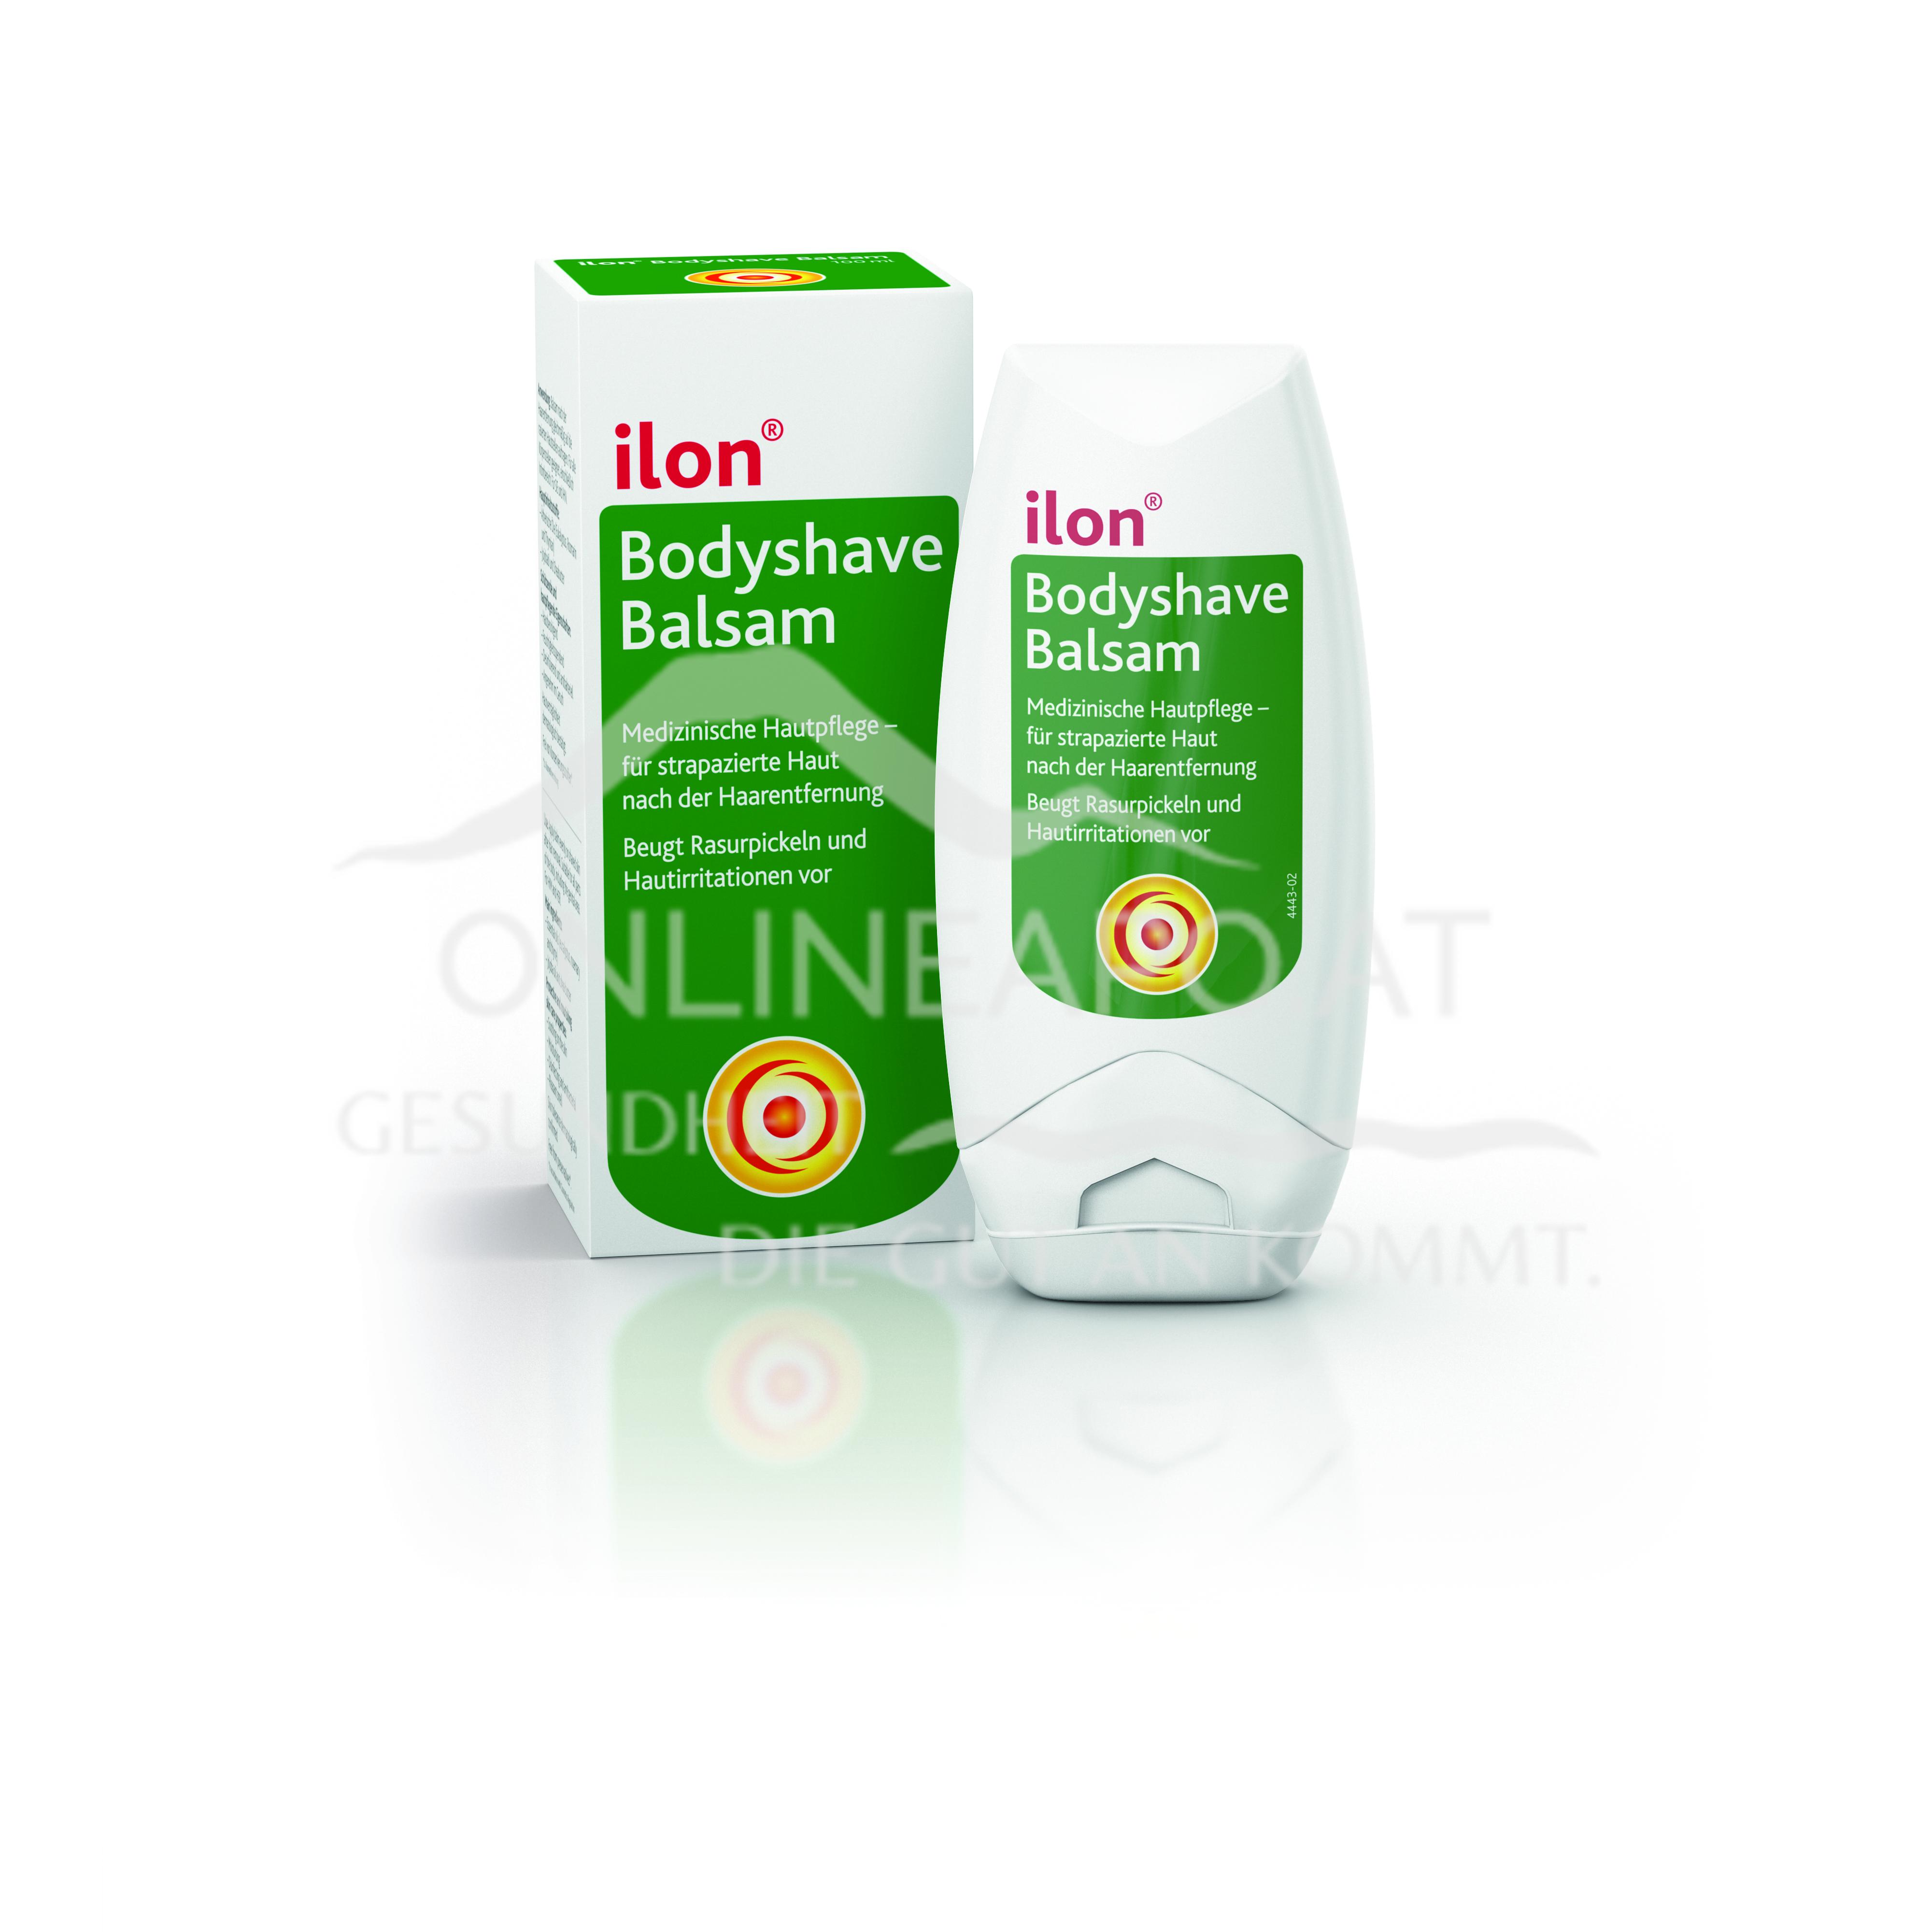 ilon® Bodyshave-Balsam